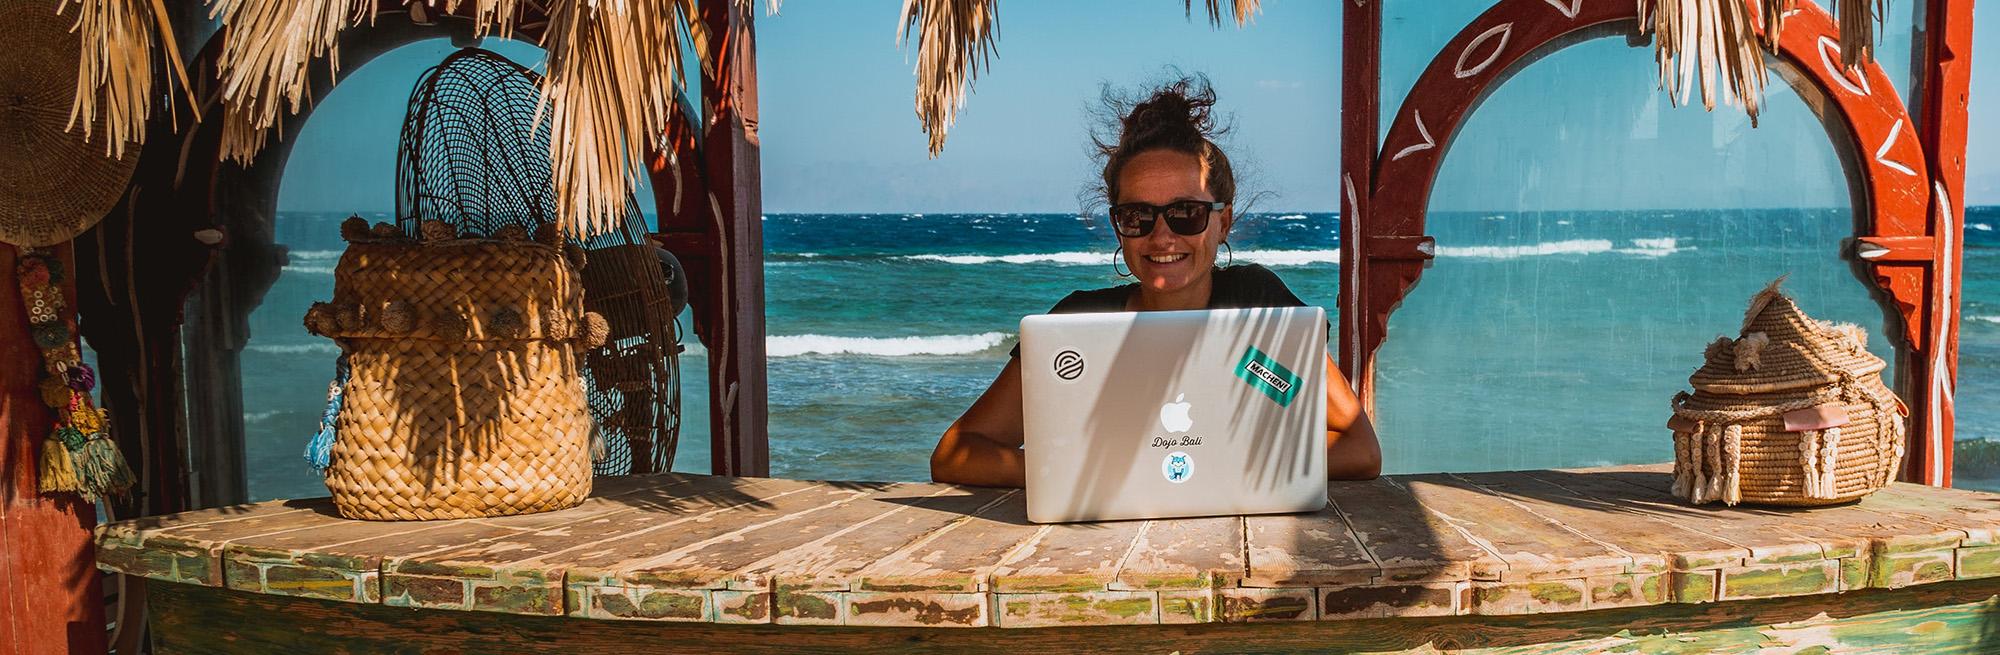 coworking online